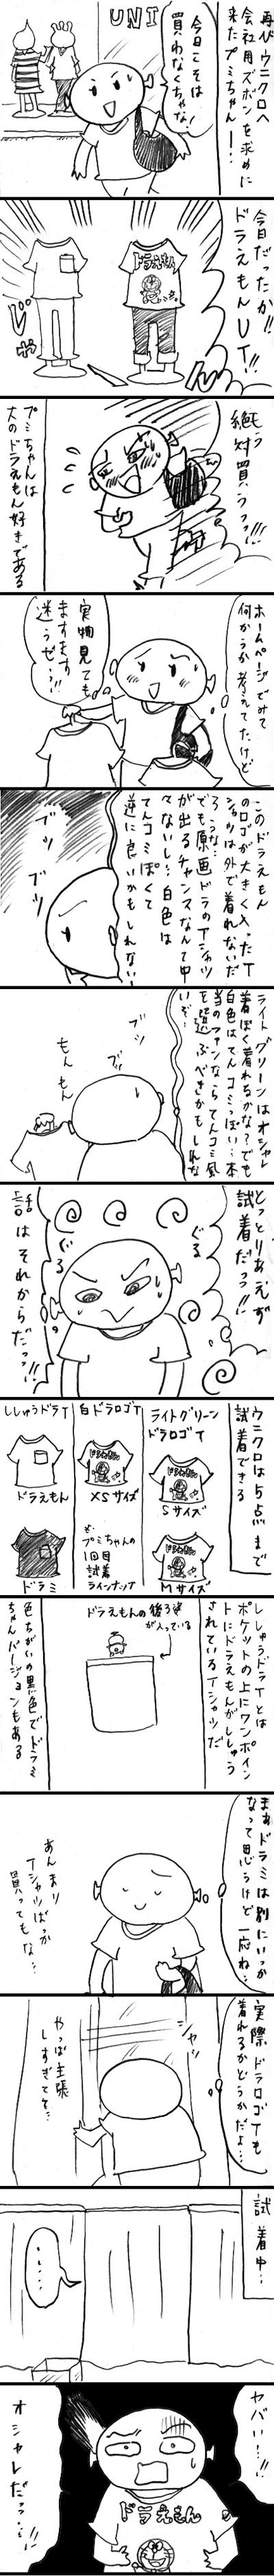 WEB漫画・土星人!プミちゃん「会社で着る服を求めて その1」